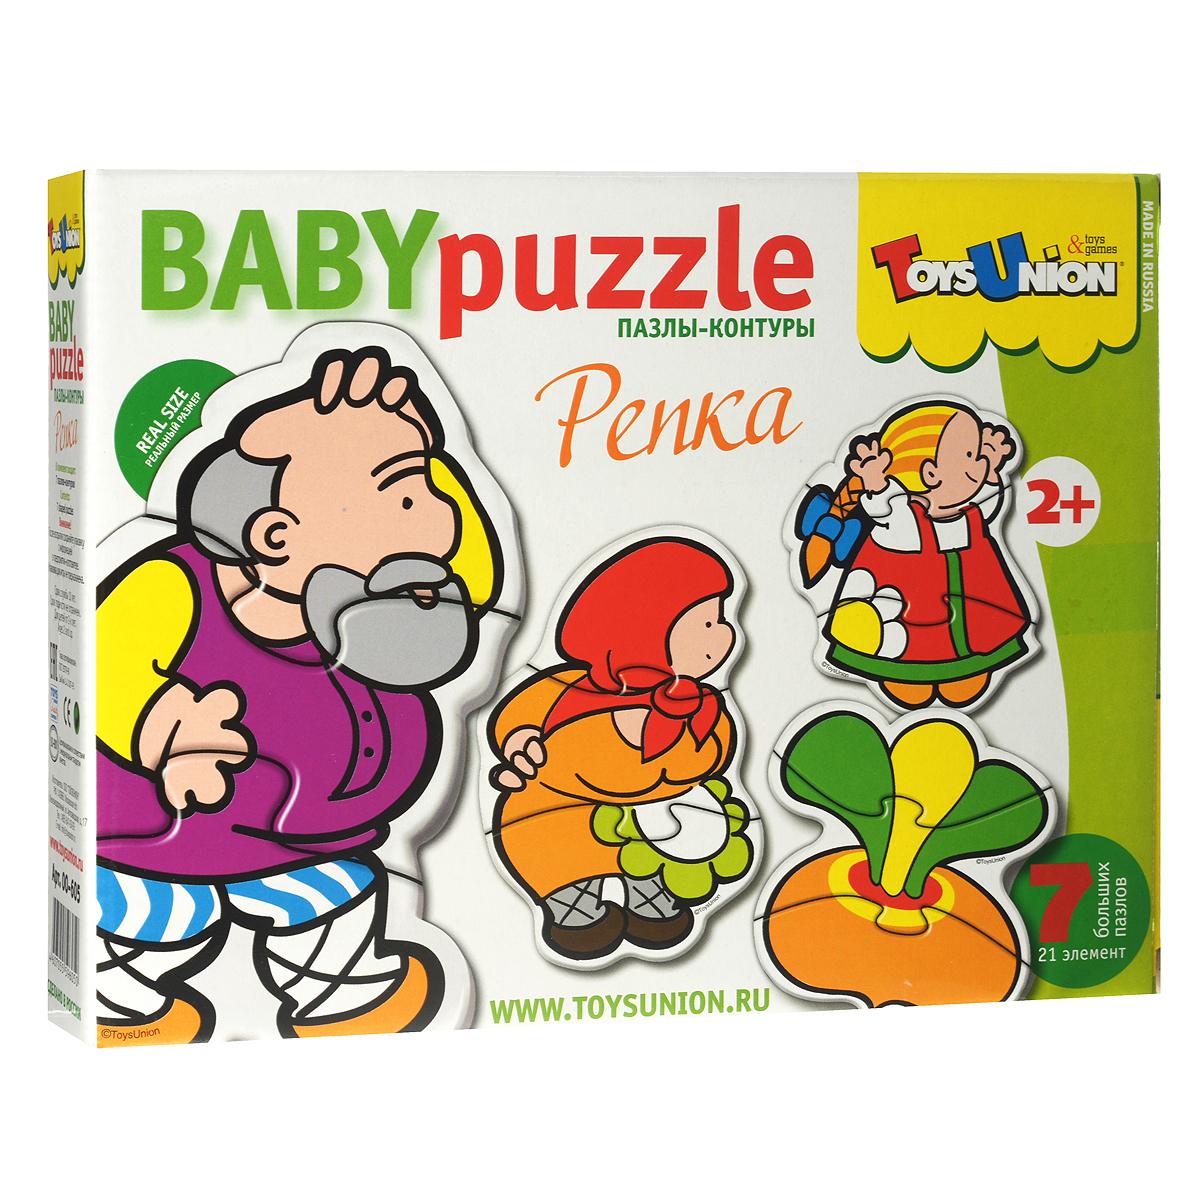 Пазл ToysUnion Репка, фигурный, 7 в 1тю00-605Пазлы-контуры ToysUnion Репка - это увлекательная игра-головоломка, помогающая развивать у ребенка воображение, пространственное восприятие, память. Пазлы предназначены специально для маленьких детей. Малышу будет удобно брать крупные элементы в руки и самостоятельно собирать картинки. В комплект входит 21 картонный элемент, из которых можно собрать 7 картинок в виде персонажей русской народной сказки Репка. Процесс собирания пазлов способствует развитию не только образного, но и логического мышления, произвольного внимания, восприятия. В частности, различению отдельных элементов по цвету, форме, размеру и т. д. Процесс собирания пазлов учит правильно воспринимать связь между частью и целым. Веселые и добрые картинки, крупные детали, выполненные из высококачественного и экологически чистого материала, доставят вашему ребенку радость и помогут познать окружающий мир.